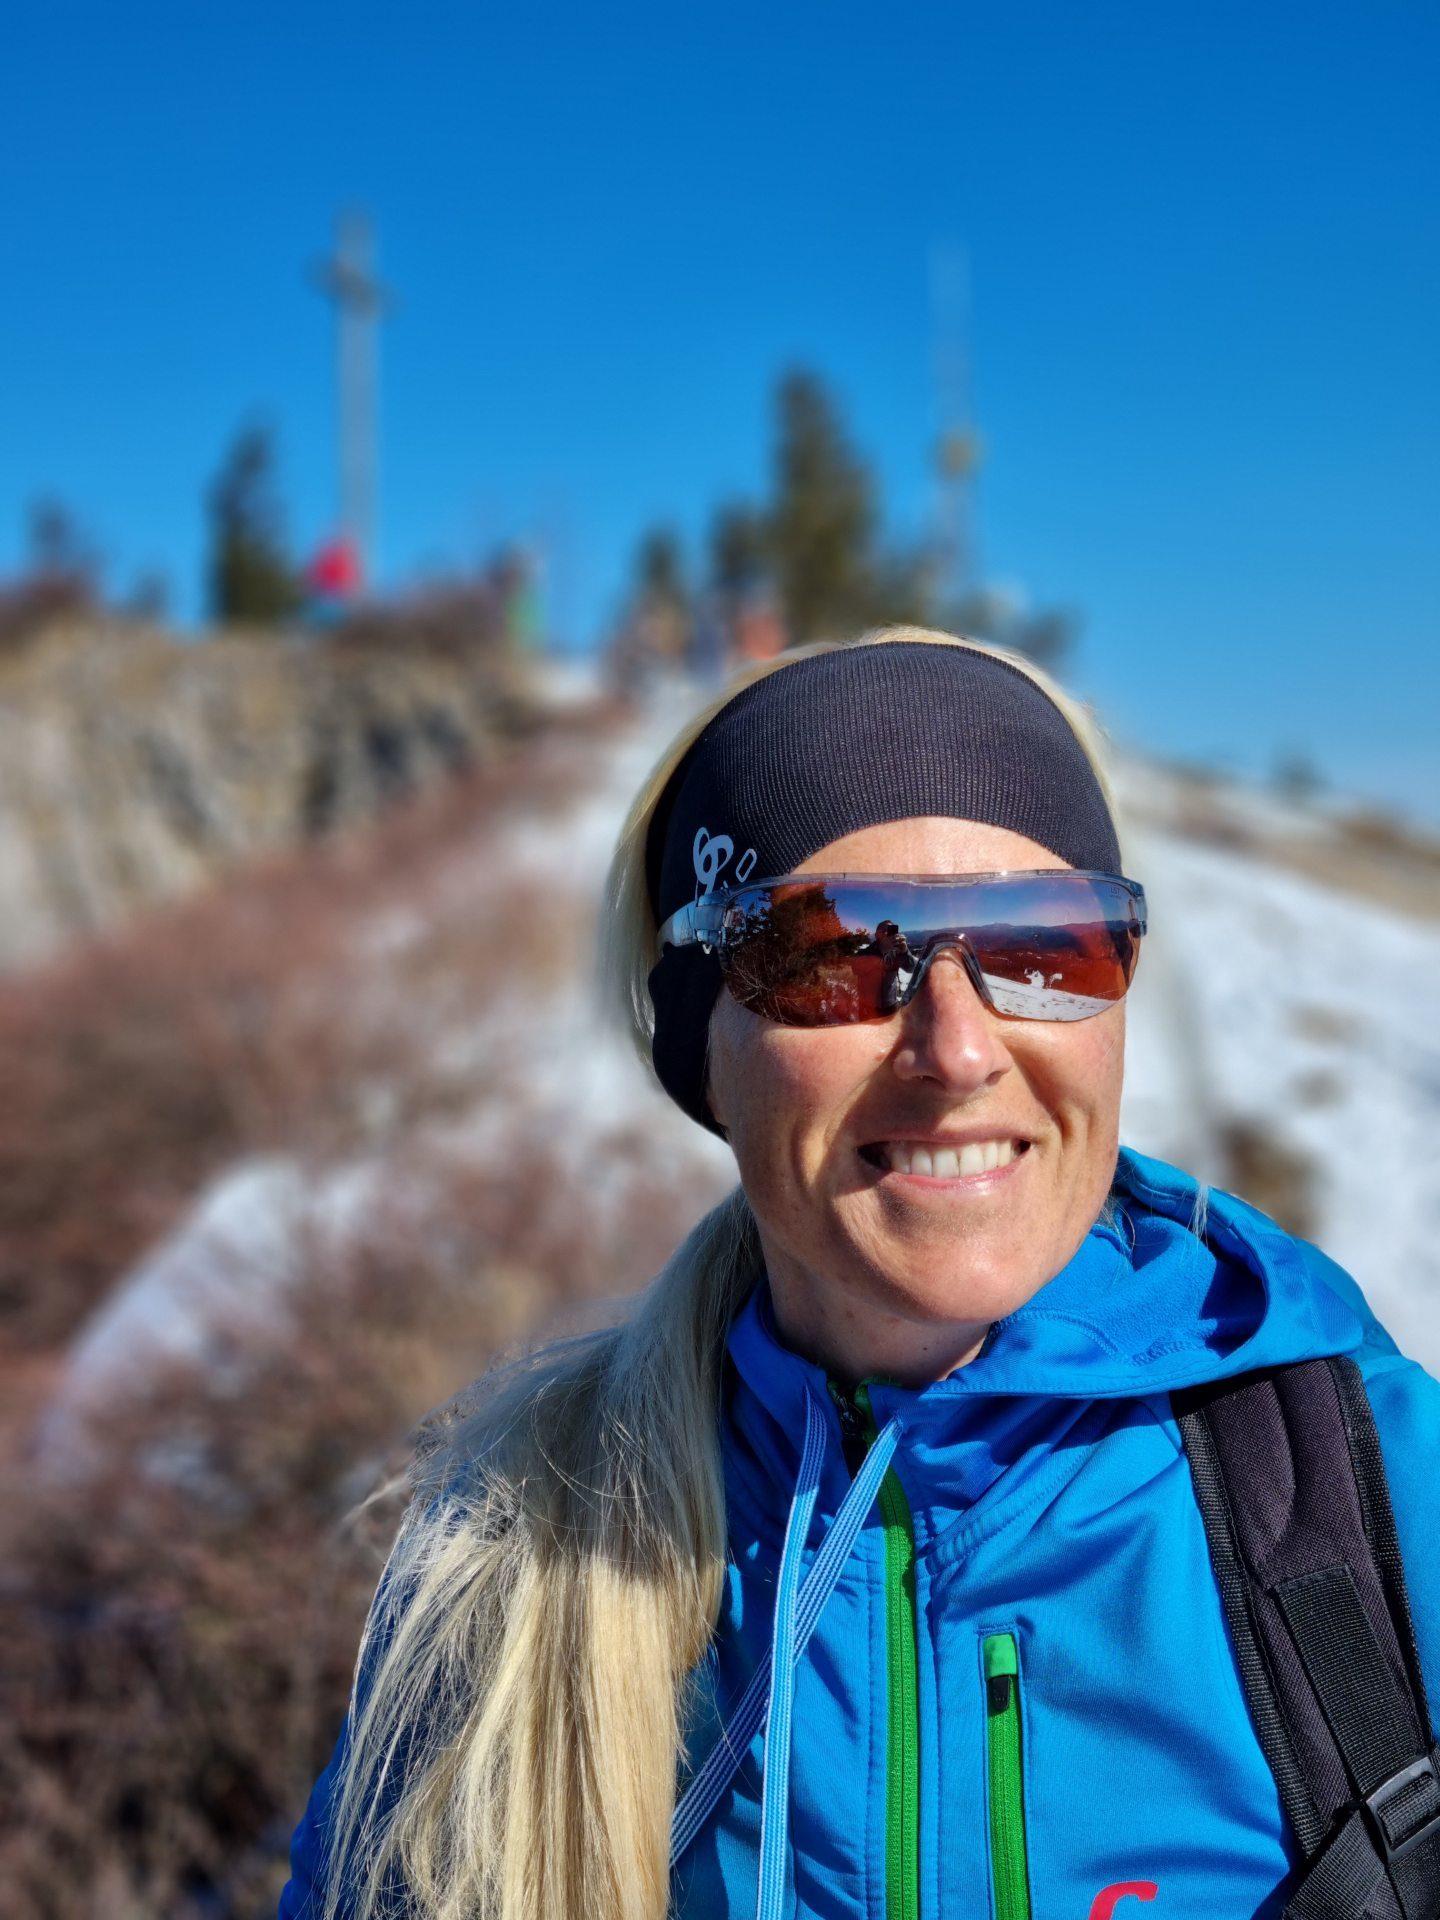 Gib mir ein Stück vom Gipfelglück - Gipfel, Himmel, Kaiserwetter, Personen, Portrait, Porträt, Ramsau, Schnee, Unterberg, wolkenlos - HOFBAUER-HOFMANN Sofia - (Adamsthal, Kieneck, Niederösterreich, Österreich)